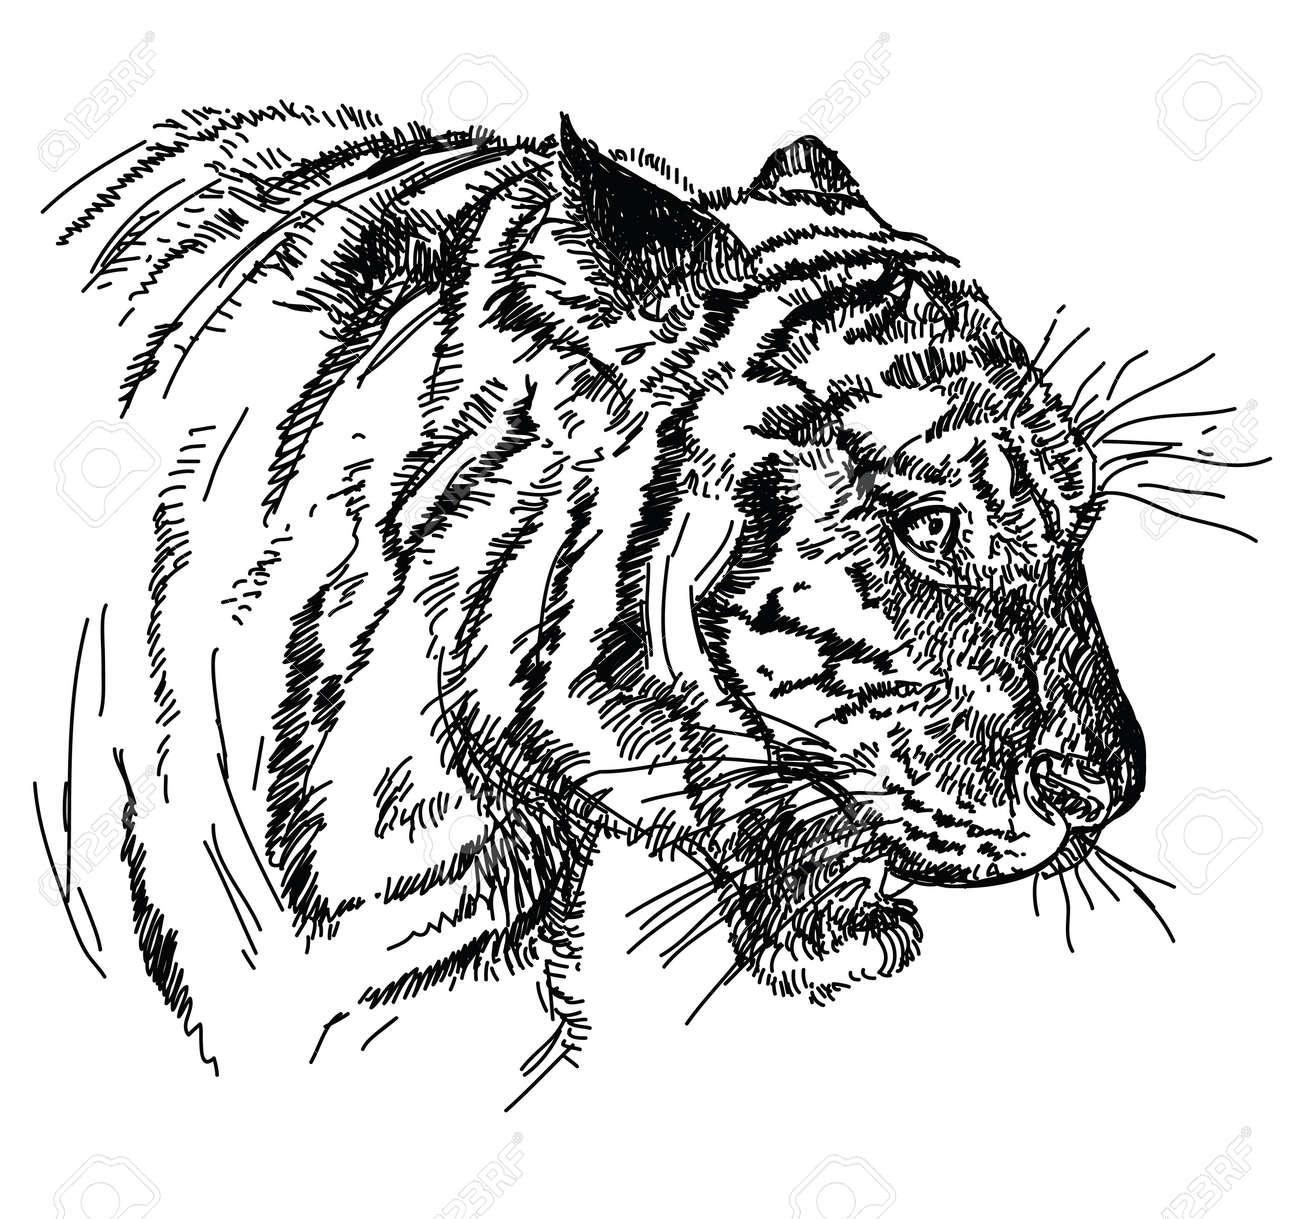 Tigre Tête Vecteur Main Dessin Illustration En Noir Et Blanc Clip